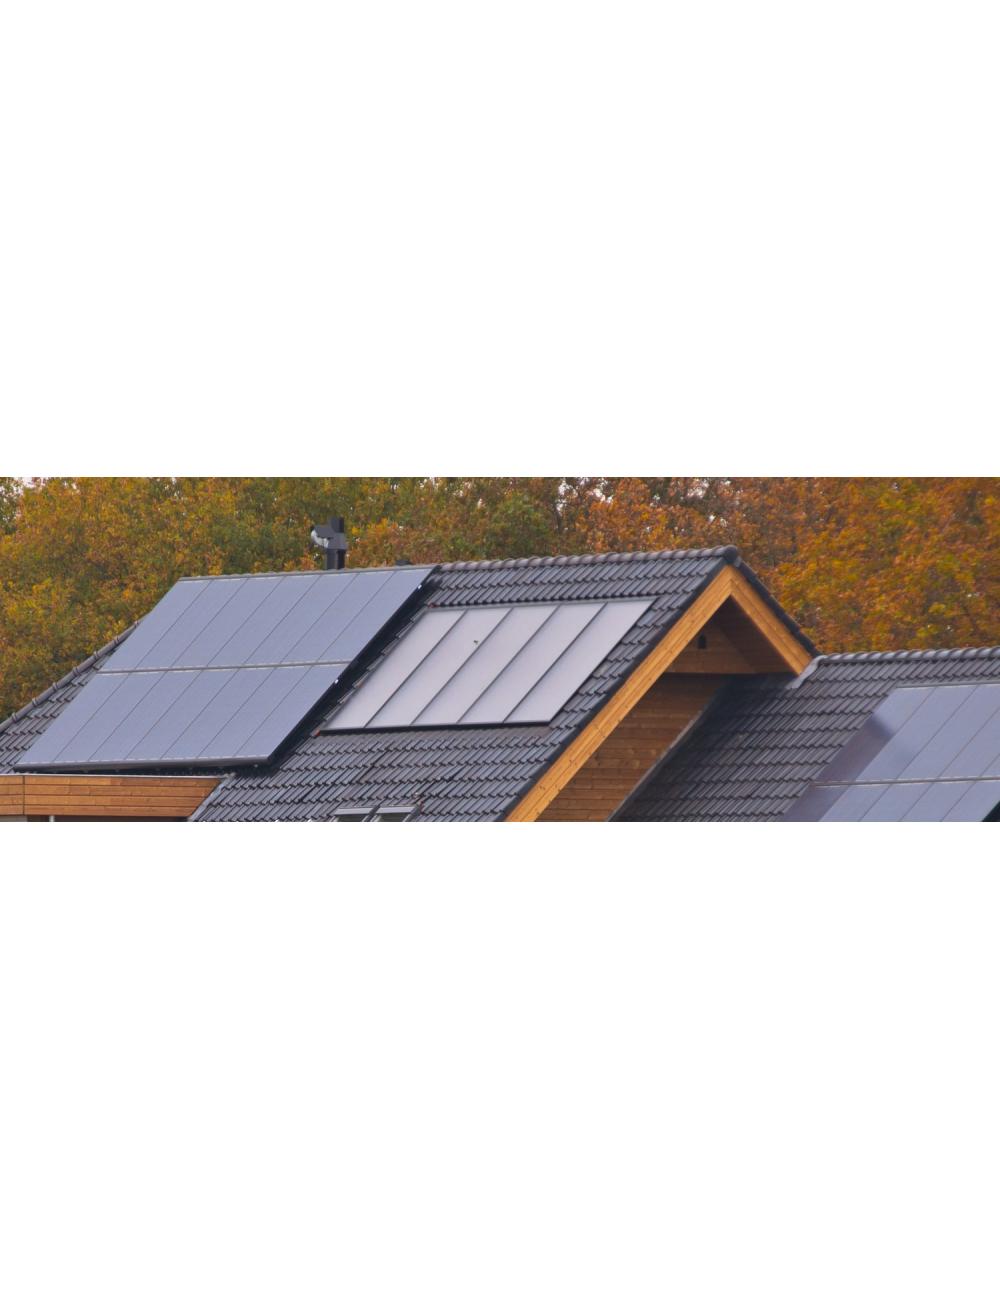 panneau solaire i 39 m solar 270p noir. Black Bedroom Furniture Sets. Home Design Ideas